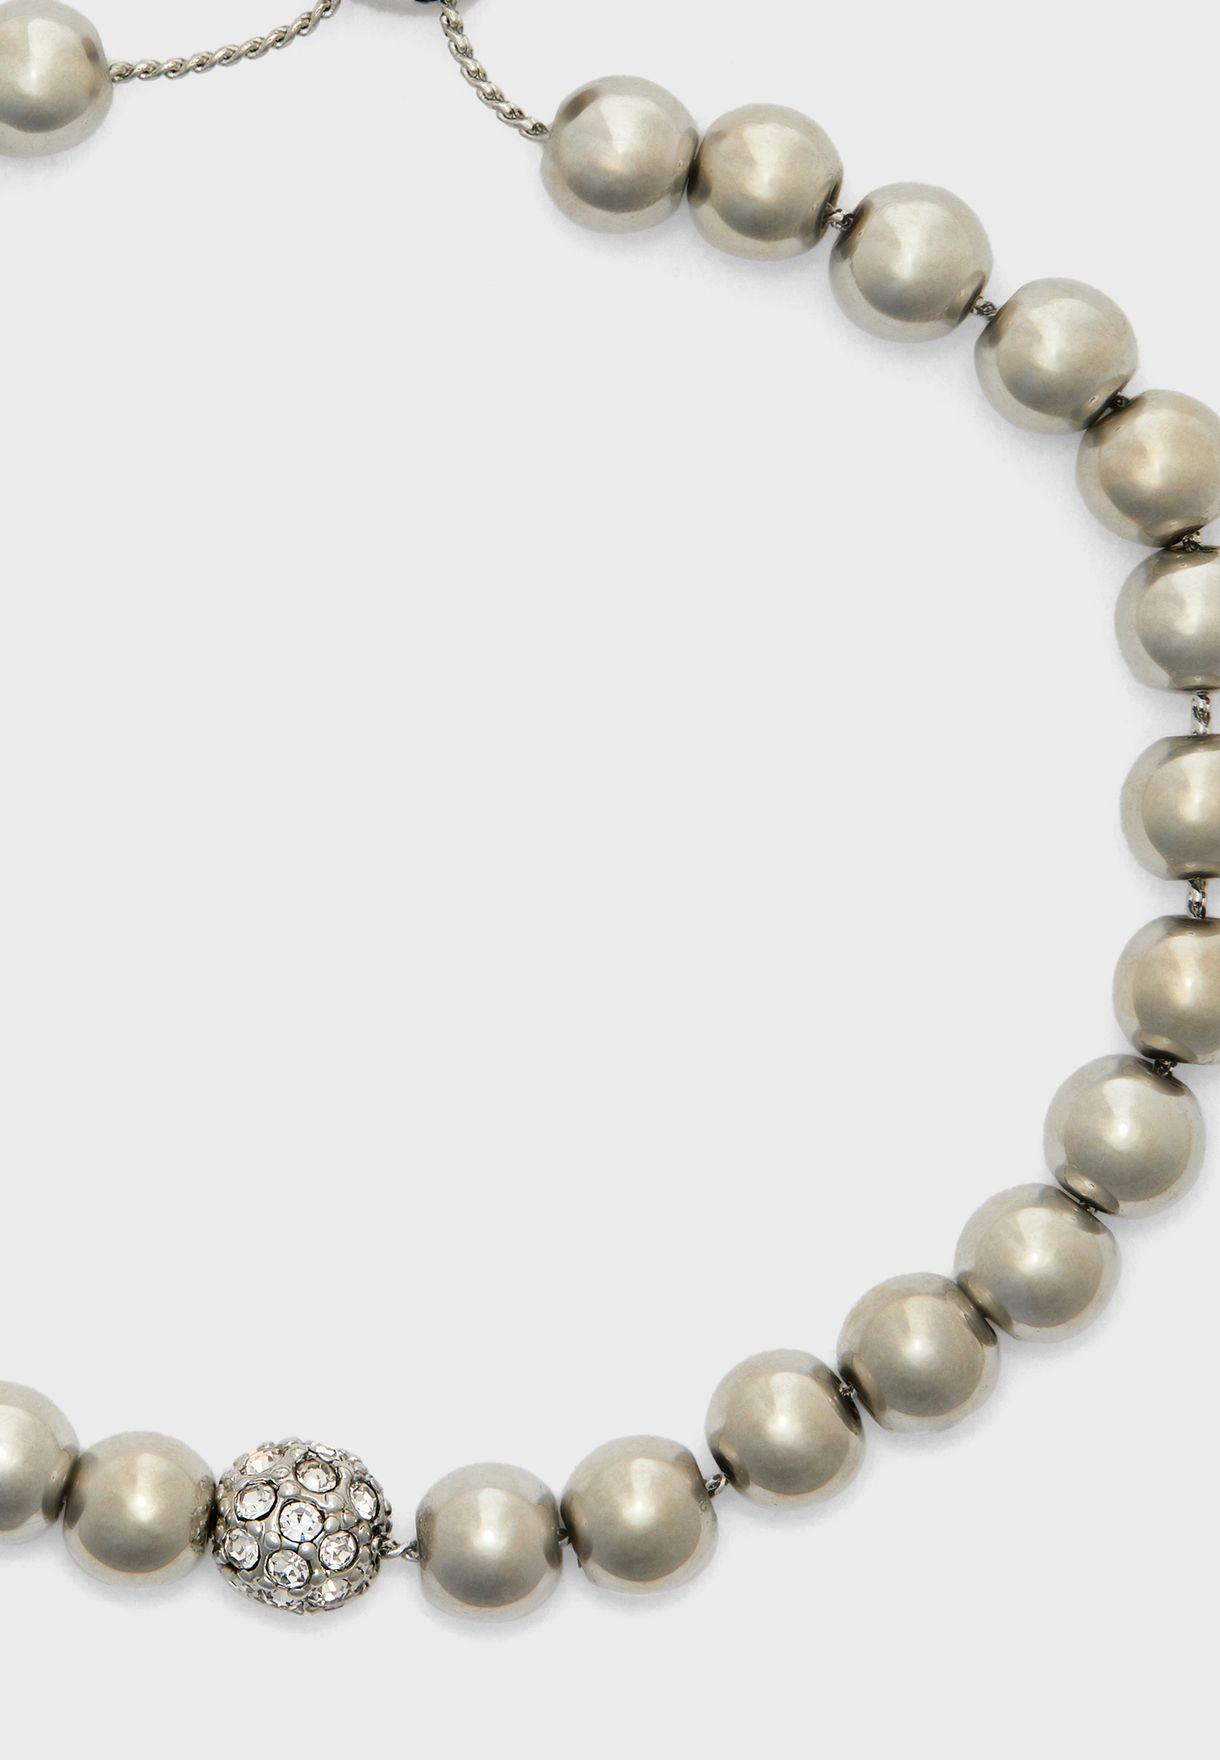 Simplicity Bead Bracelet